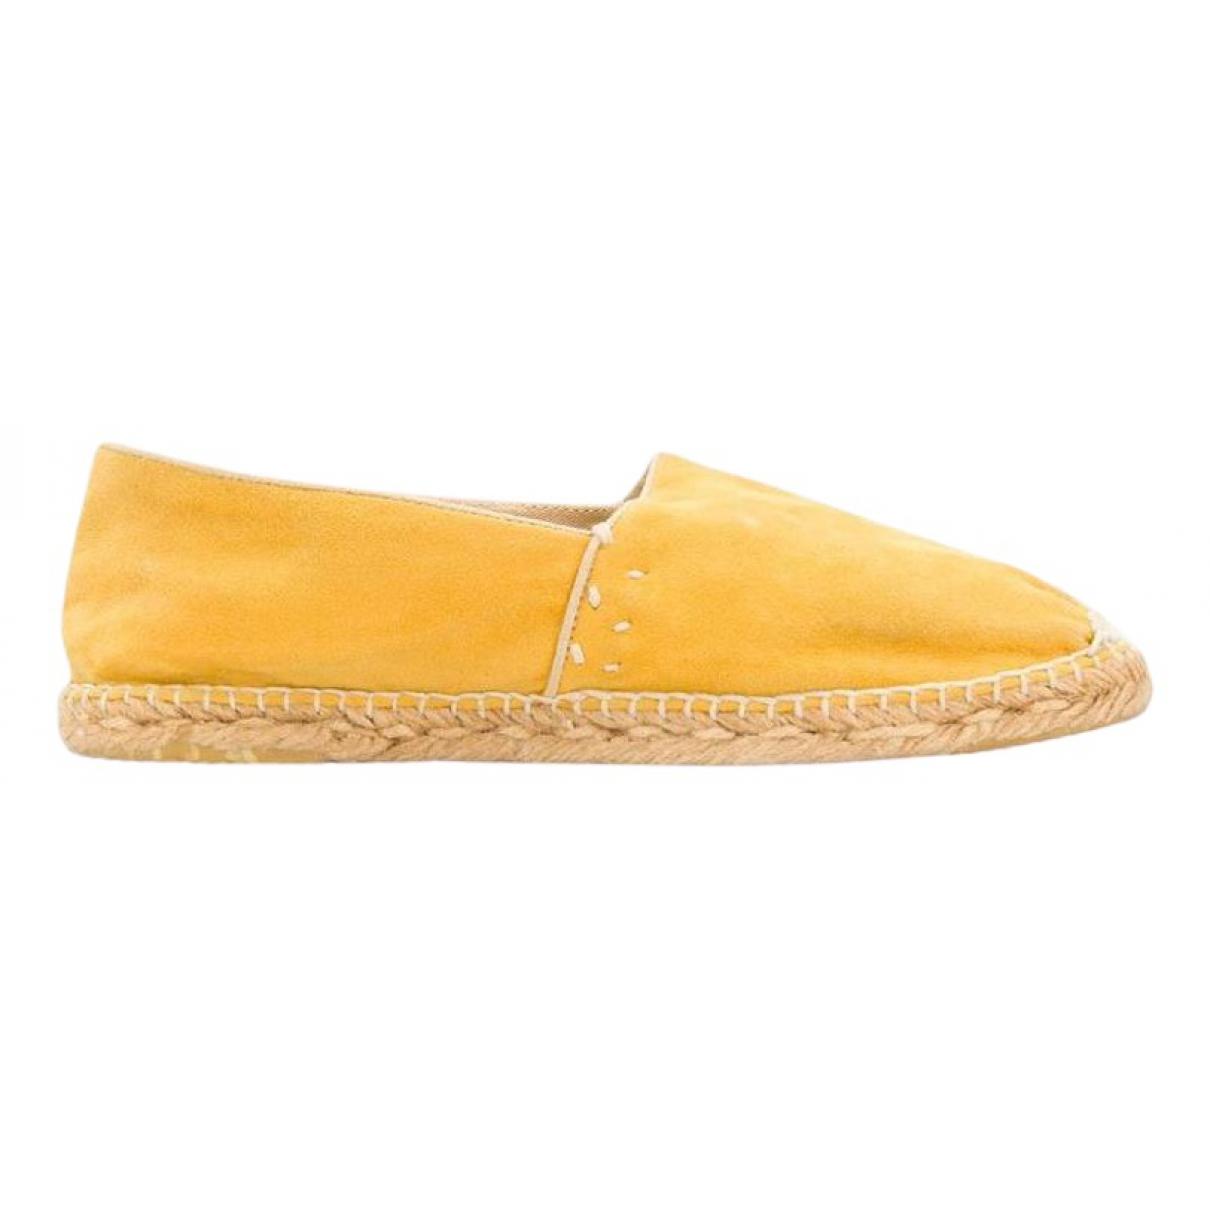 Gucci \N Espadrilles in  Gelb Veloursleder